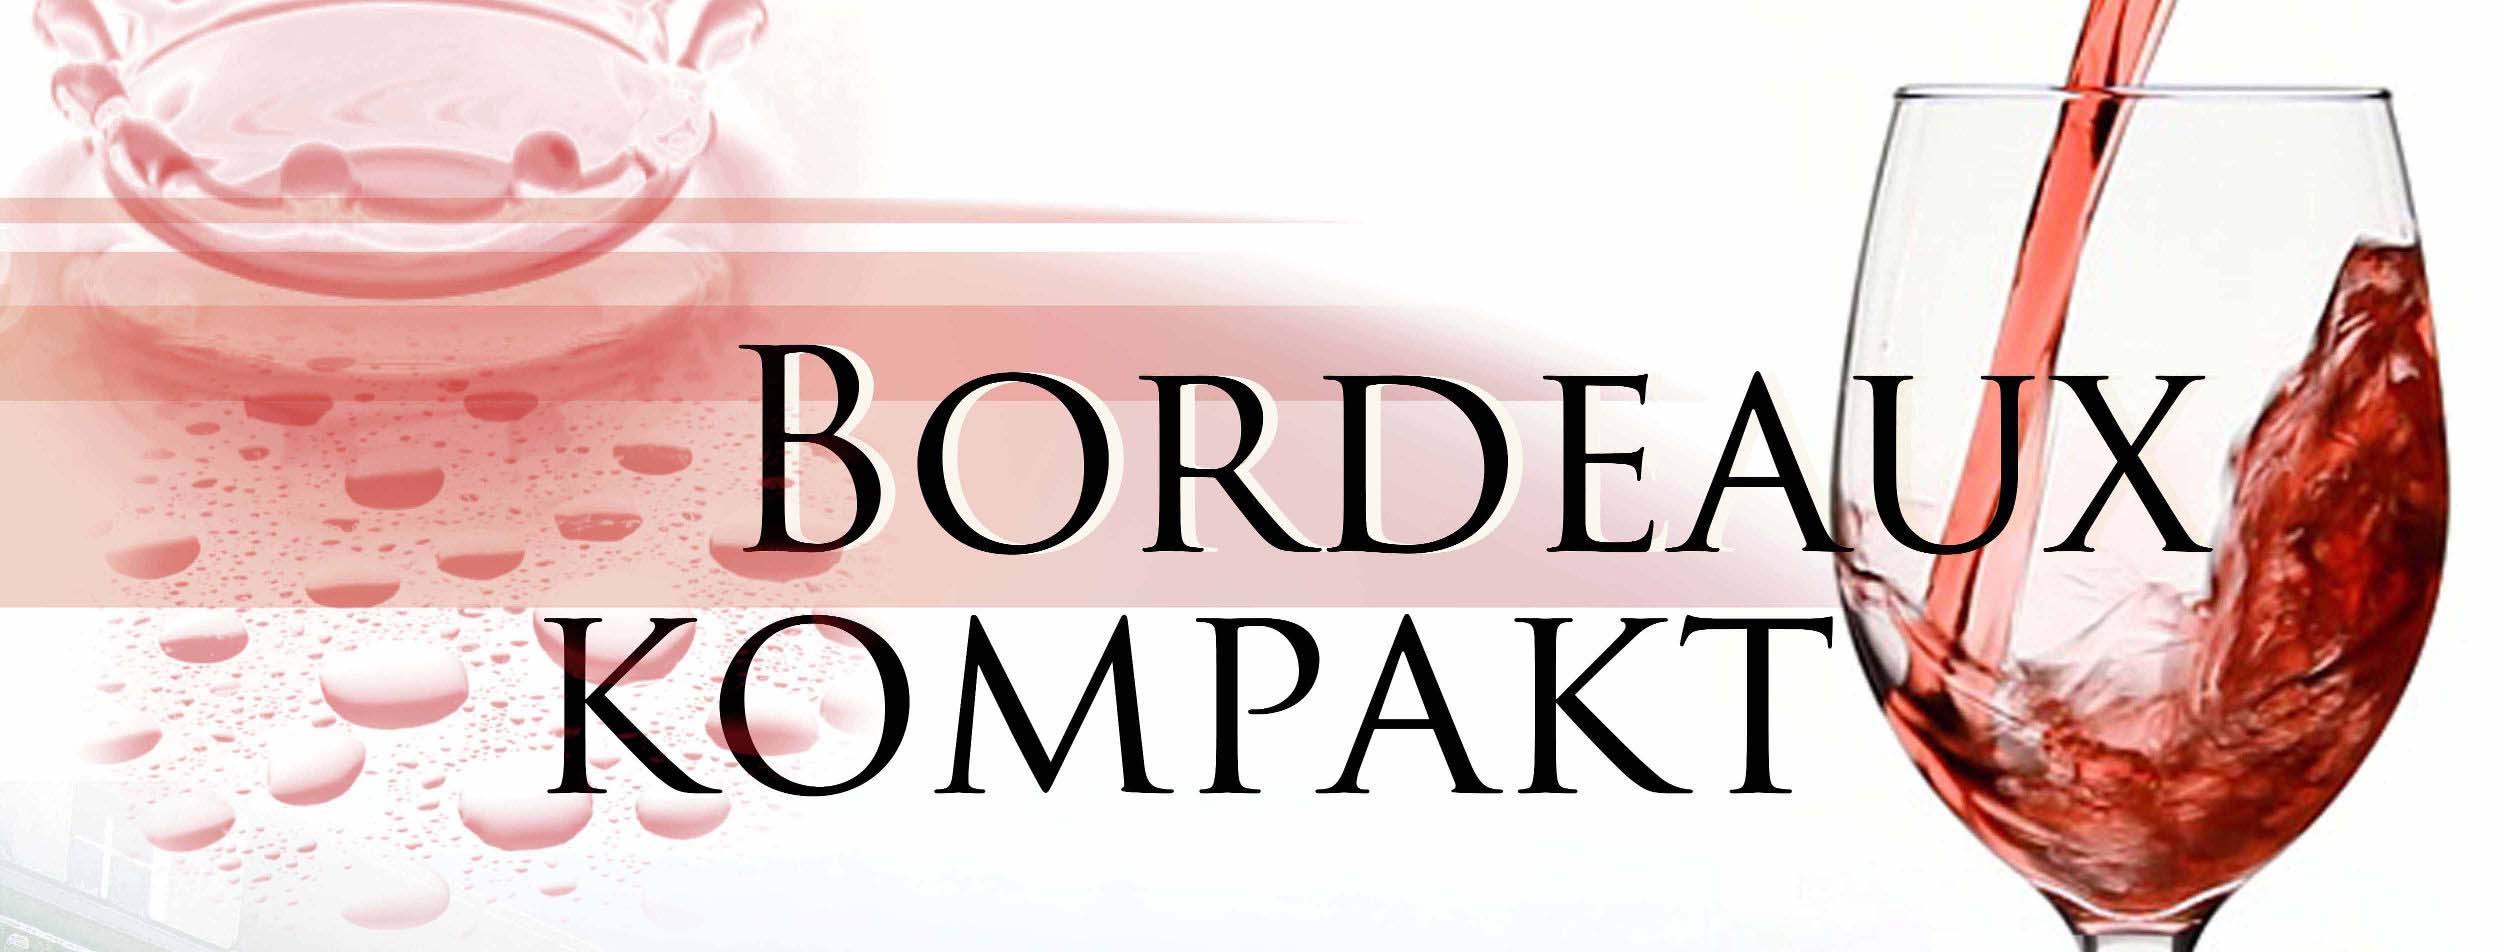 Bordeaux Kompakt